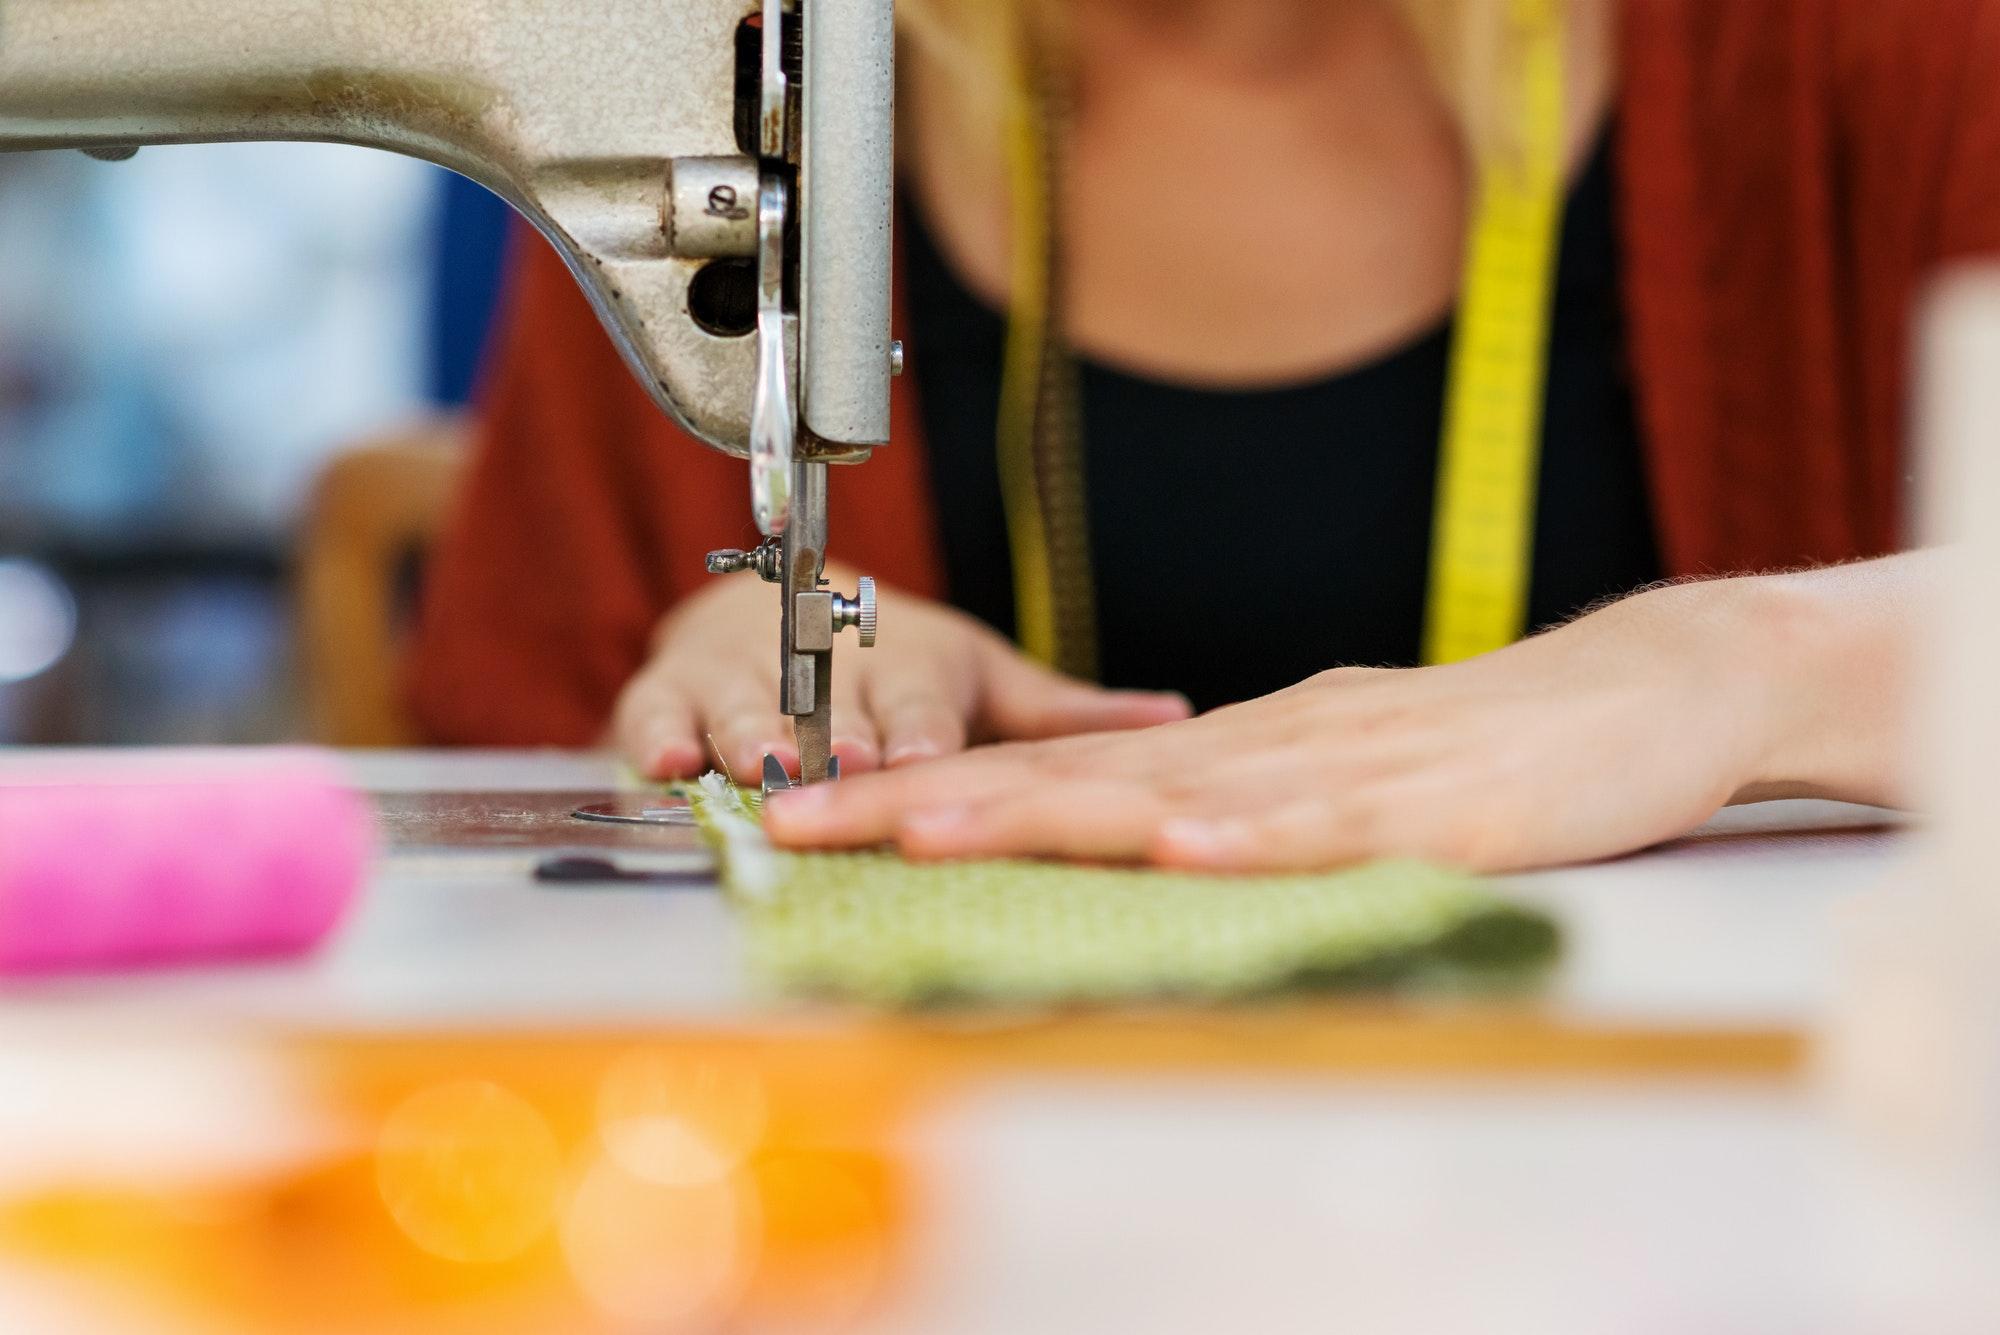 كيفية تعلم خياطة الفساتين في 5 خطوات فقط